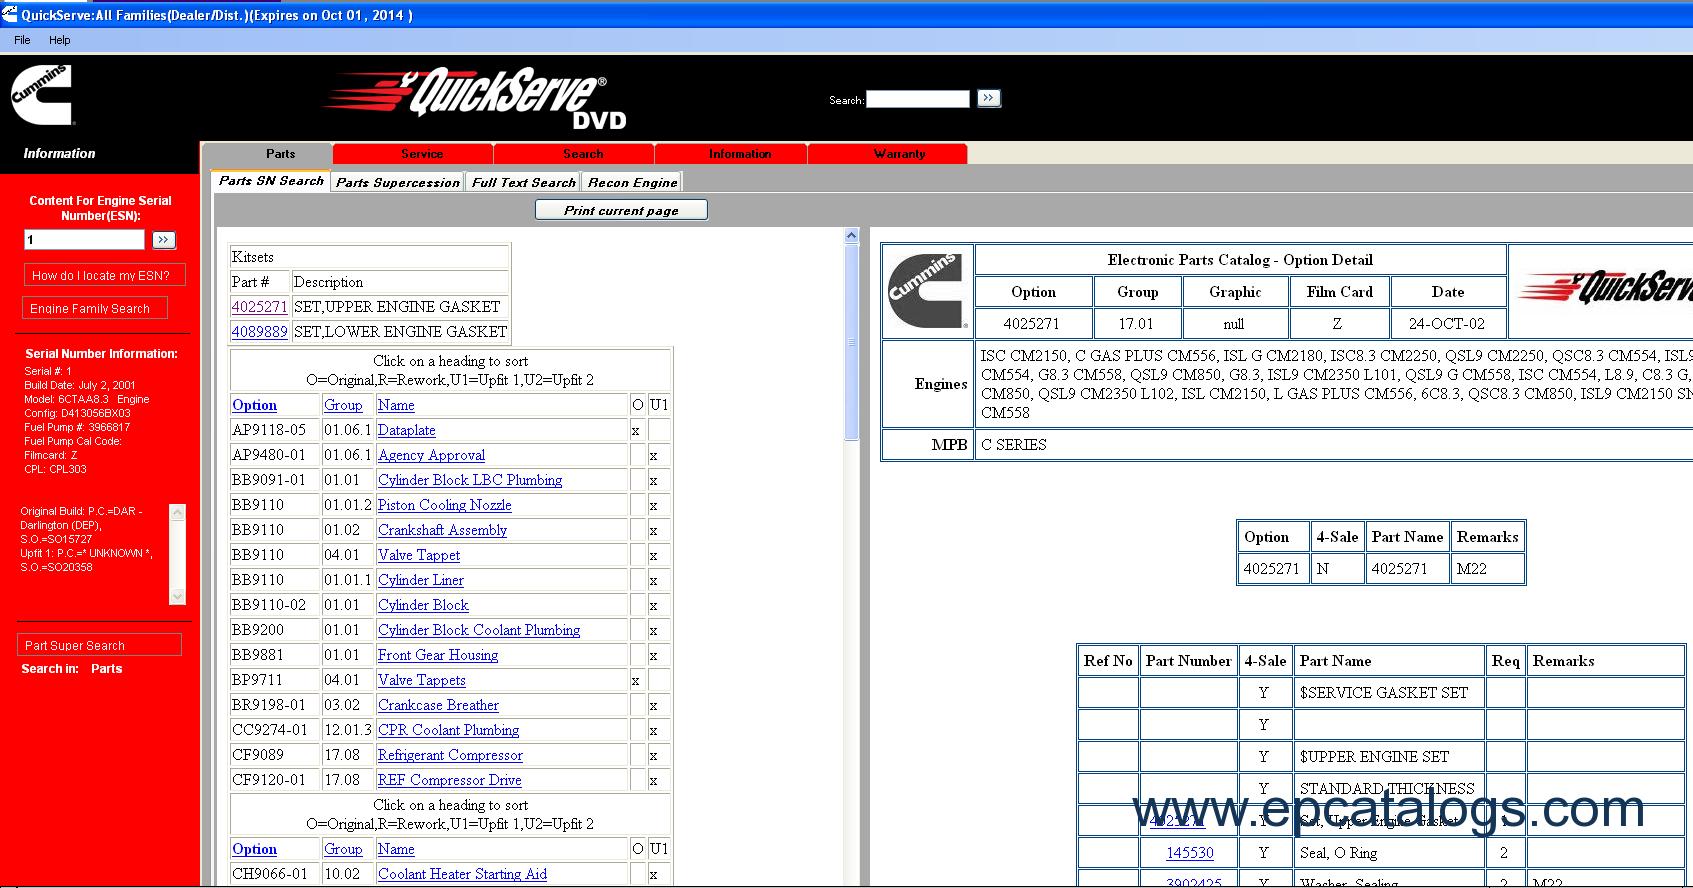 cummins quickserve offline all engines families 10 2014 repair enlarge